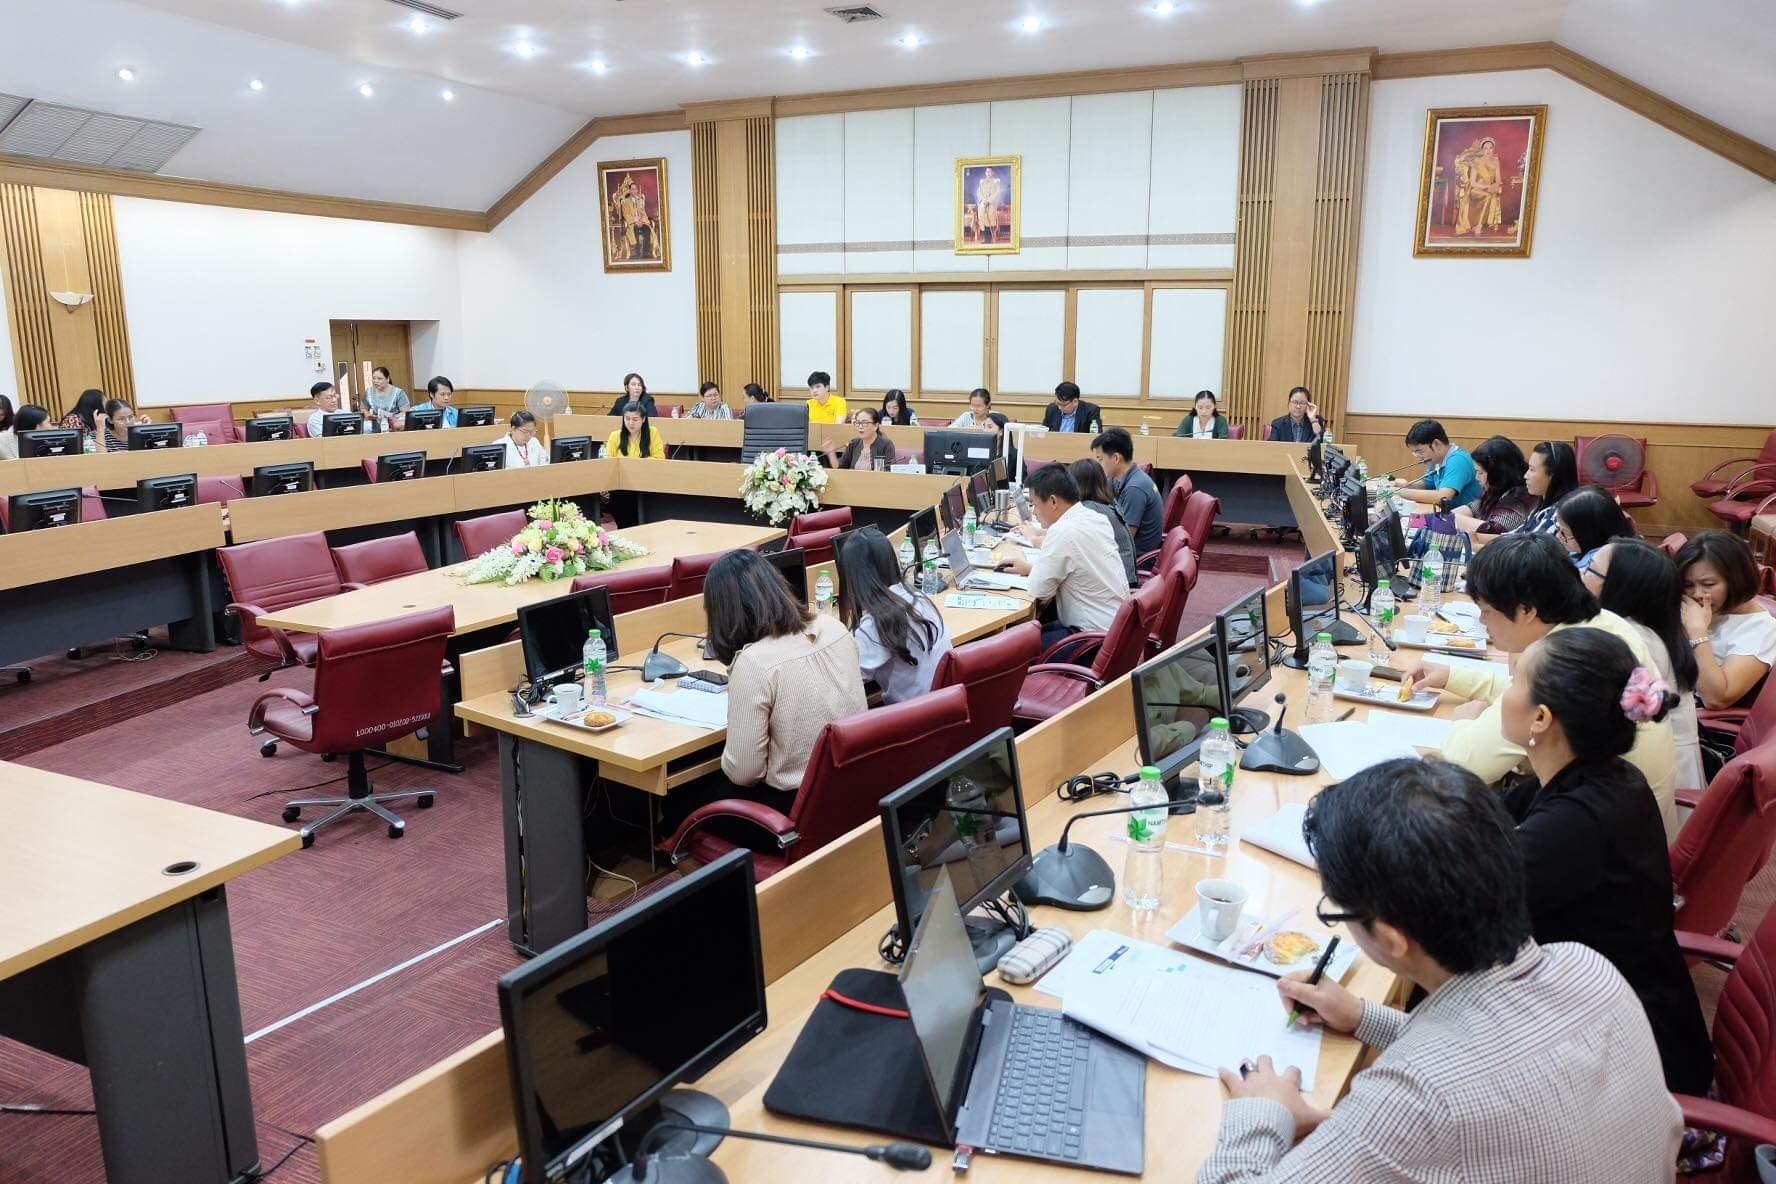 จัดประชุมเรื่องการรับบุคคลเข้าศึกษาในระดับปริญญาตรี มหาวิทยาลัยมหาสารคาม ประจำปีการศึกษา 2563